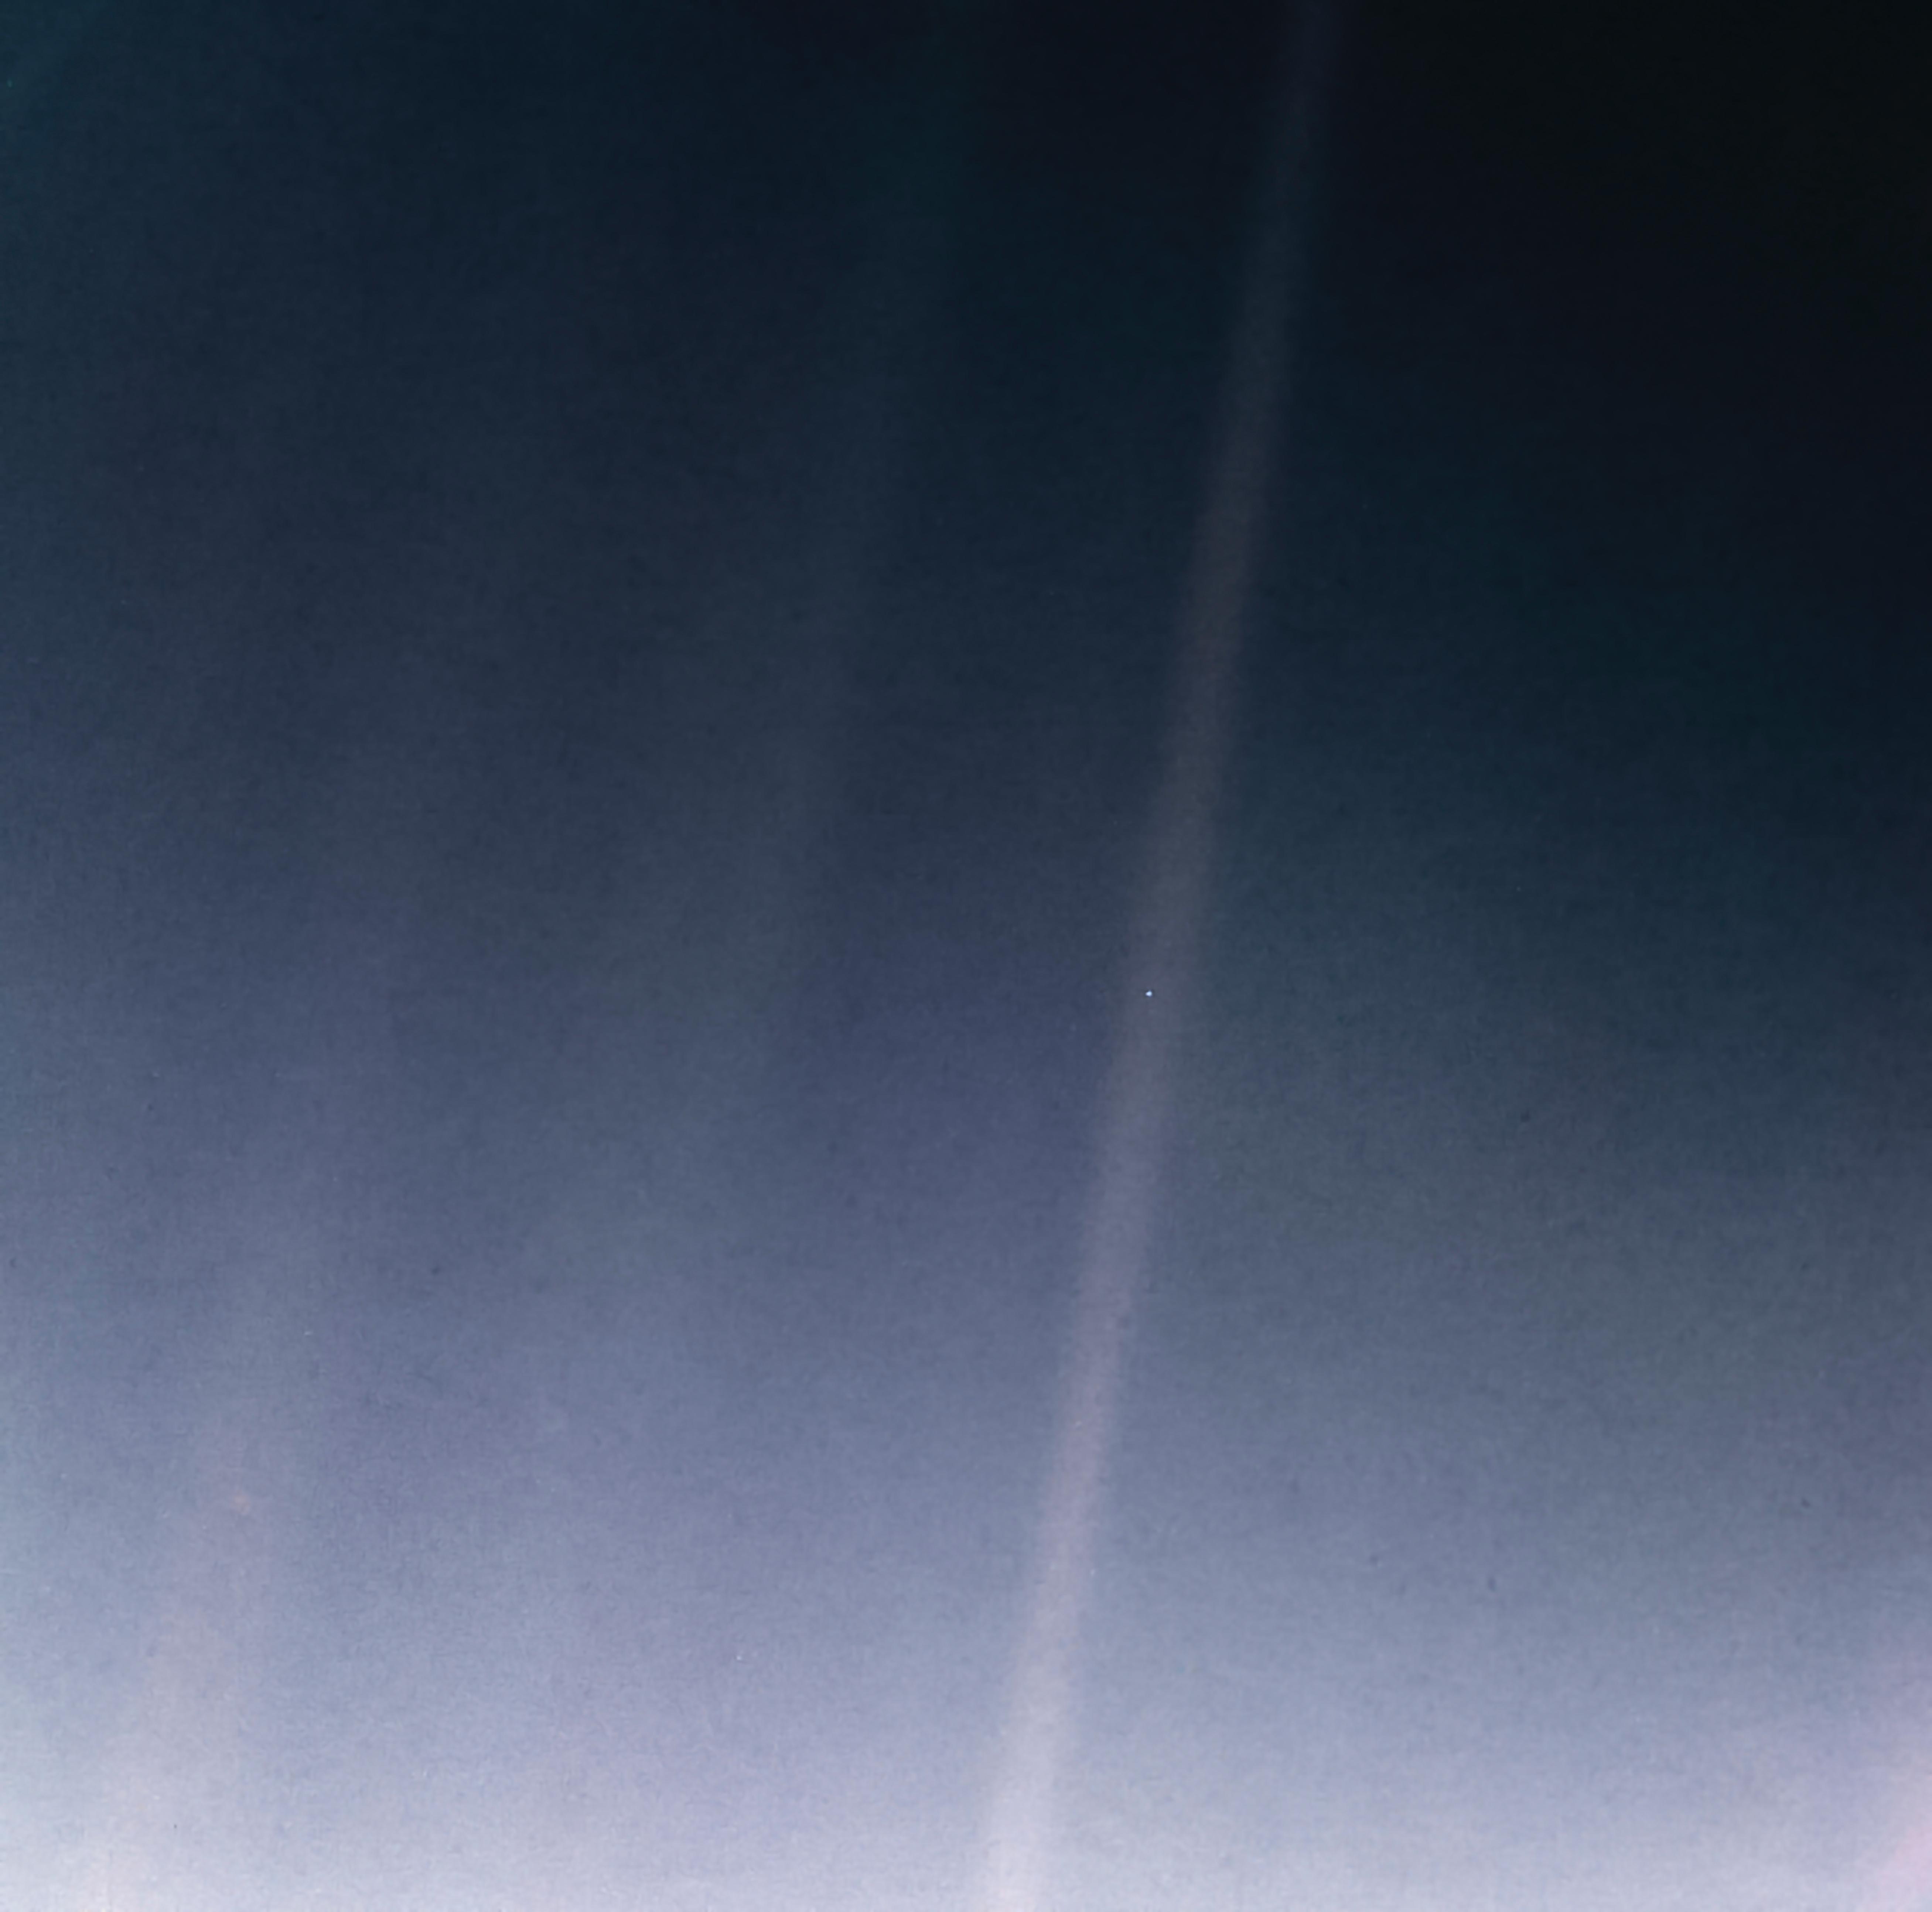 NASA Pale blue dot photo